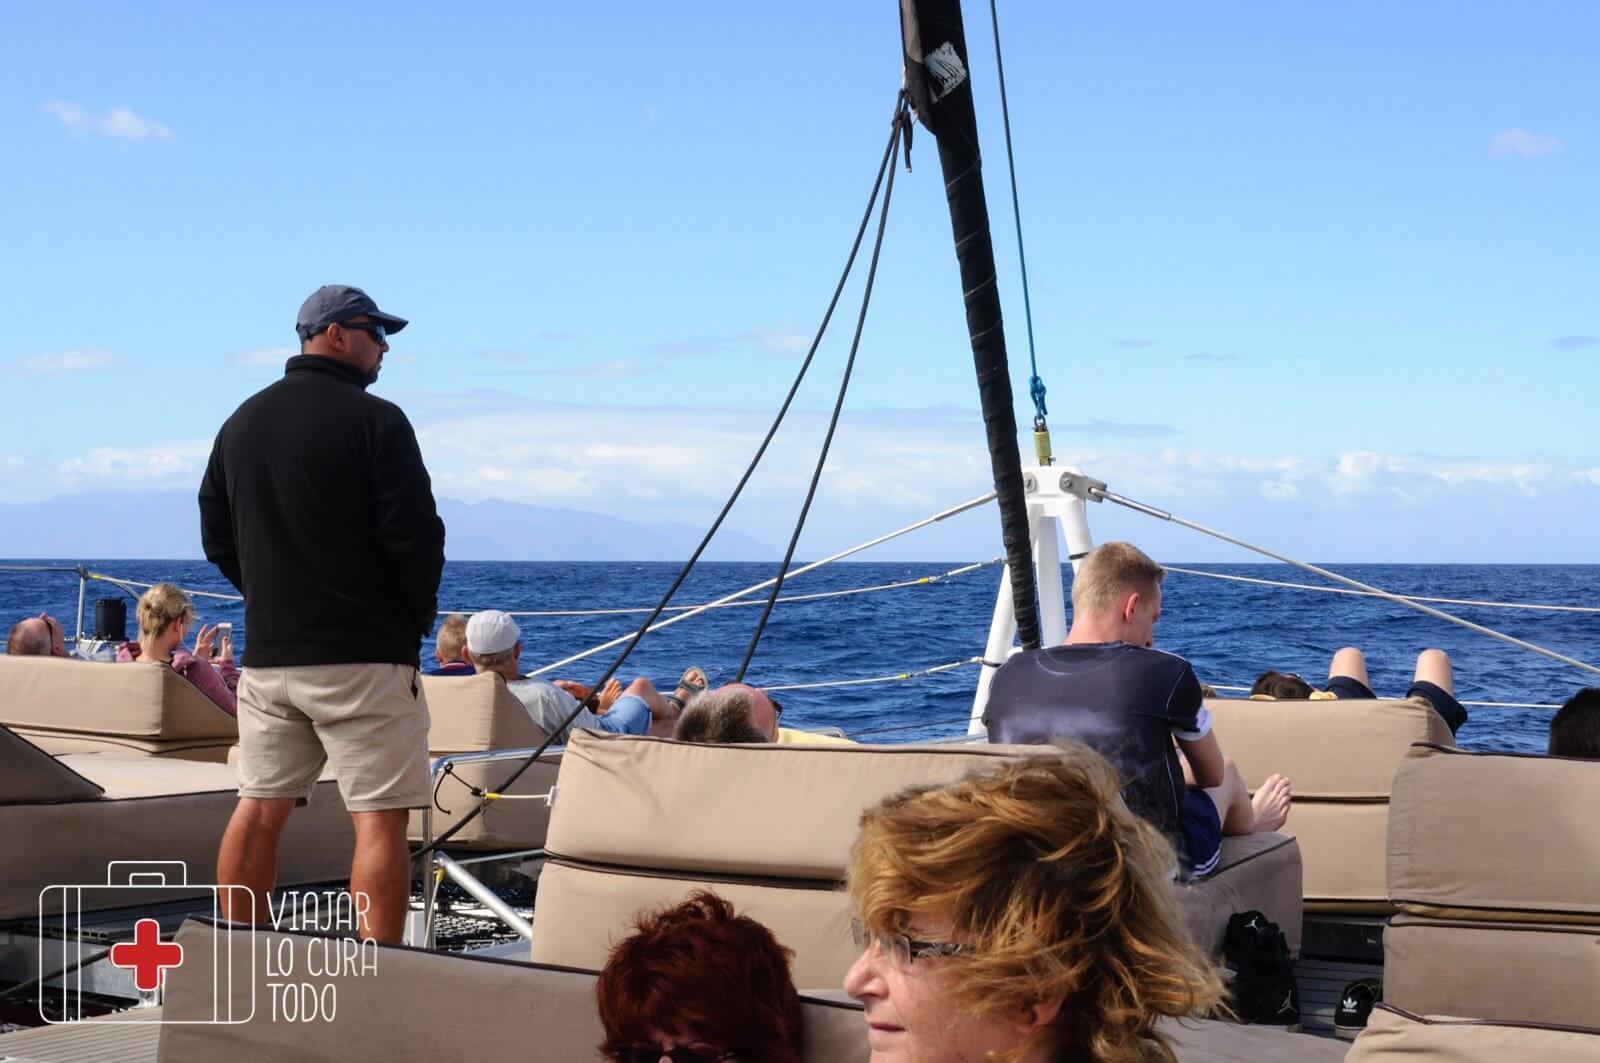 delfines en libertad en Tenerife